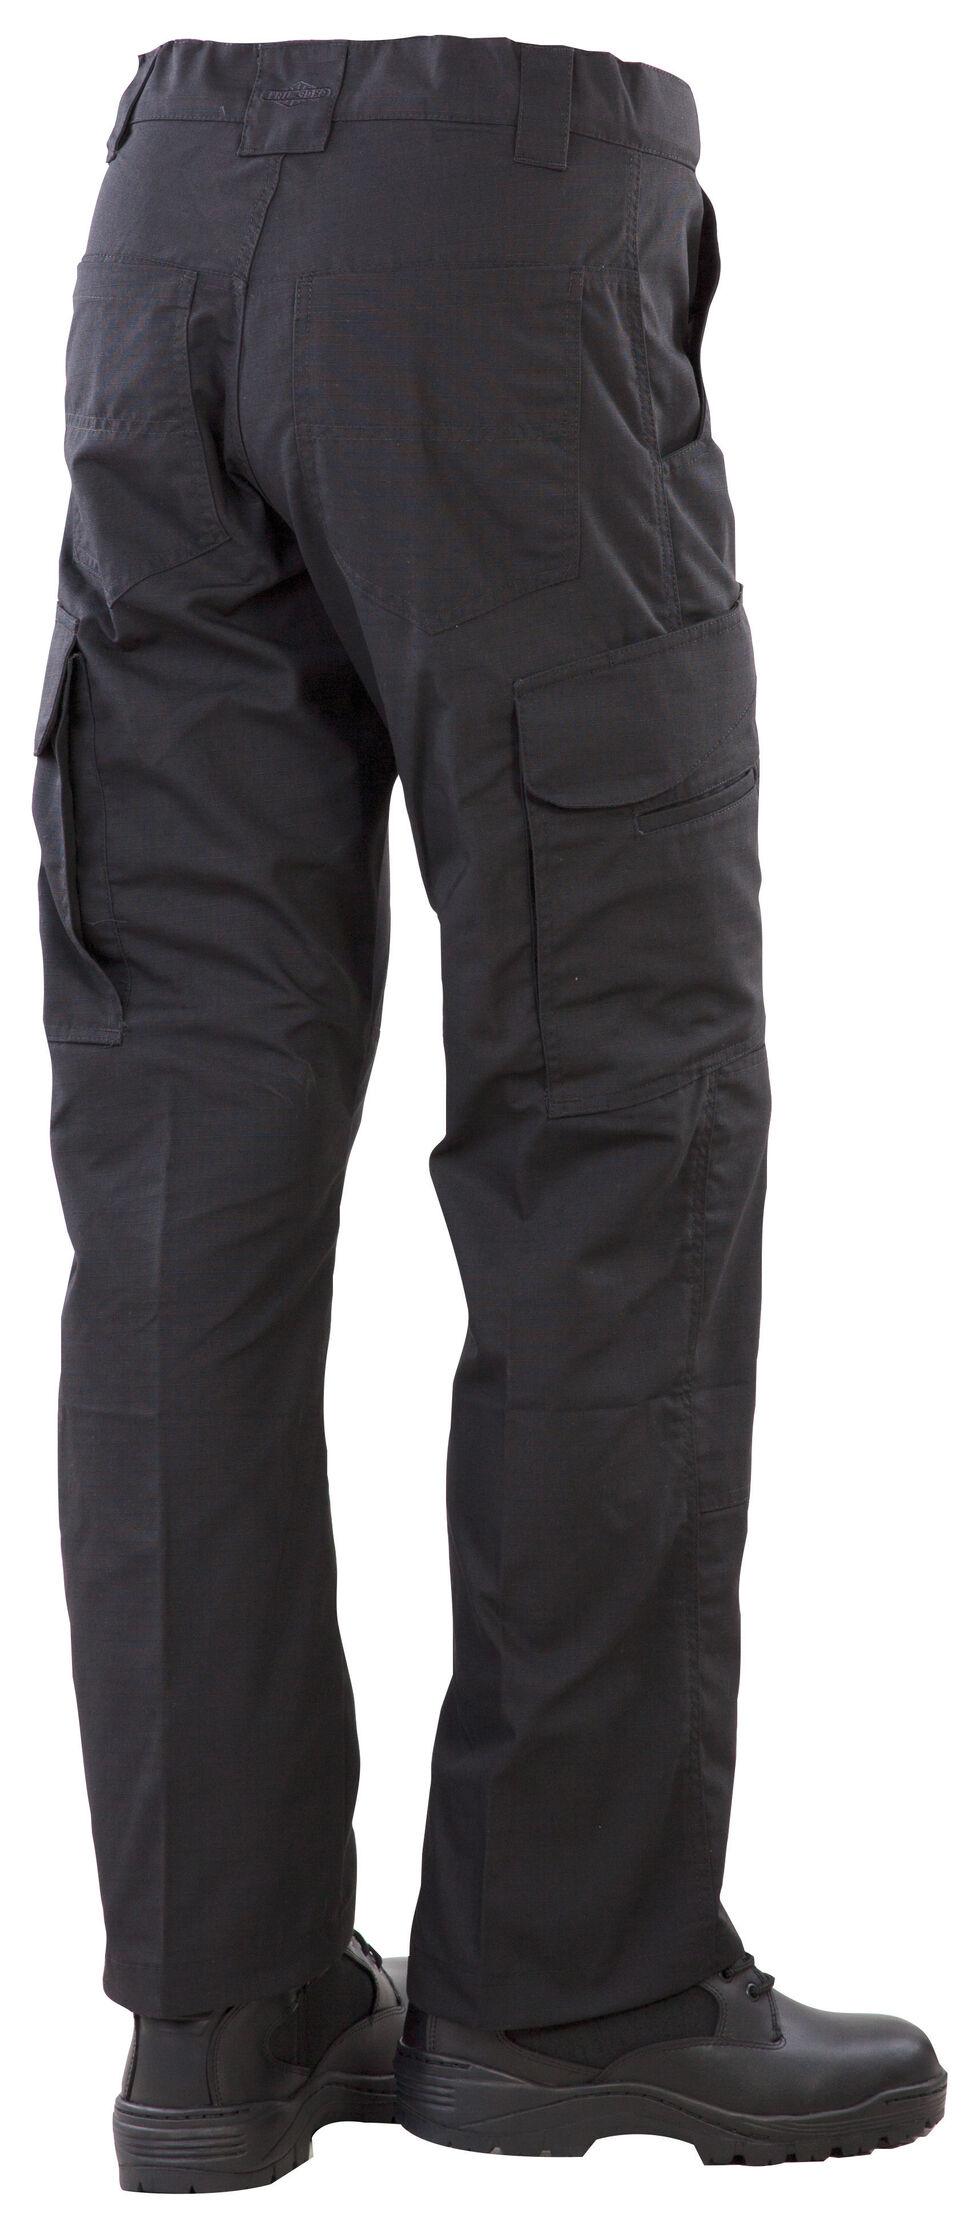 Tru-Spec 24-7 Tactical Boot Cut Trousers, Black, hi-res